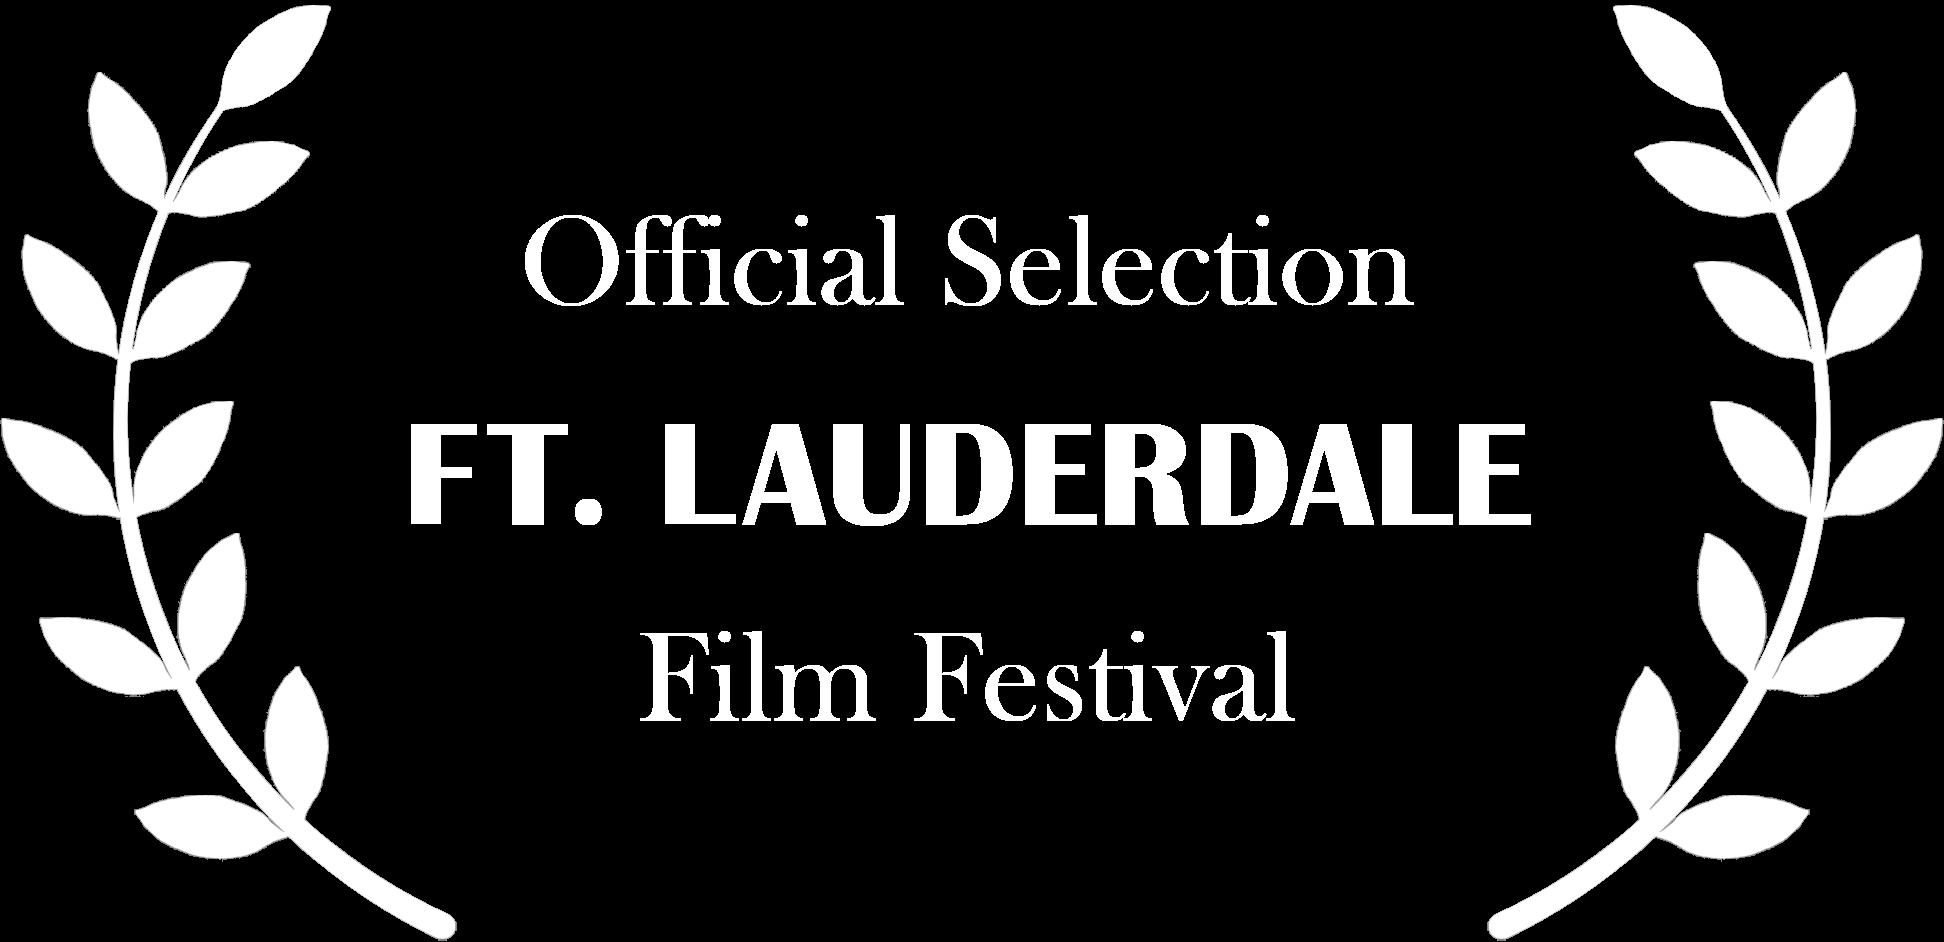 ft lauderdale festival